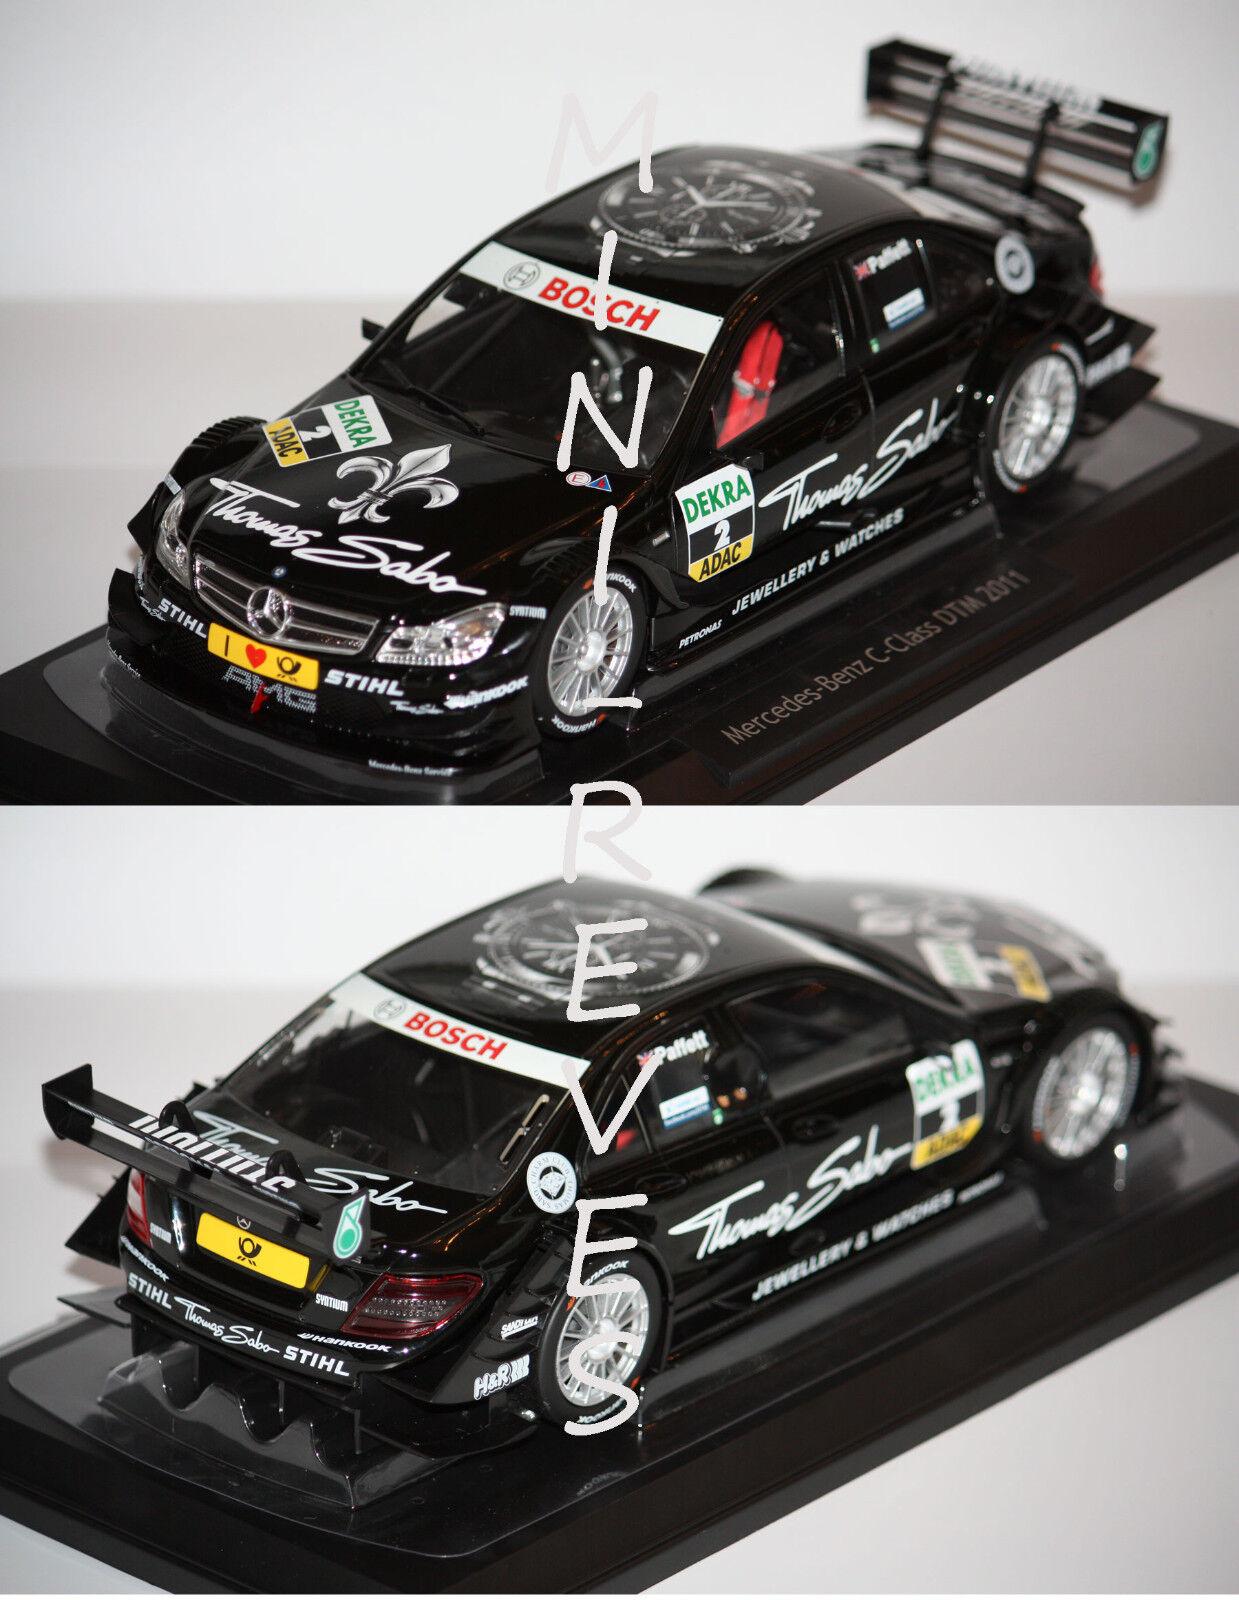 Norev Mercedes Benz C-Class DTM  2011 G. Paffett 1 18 183584 1